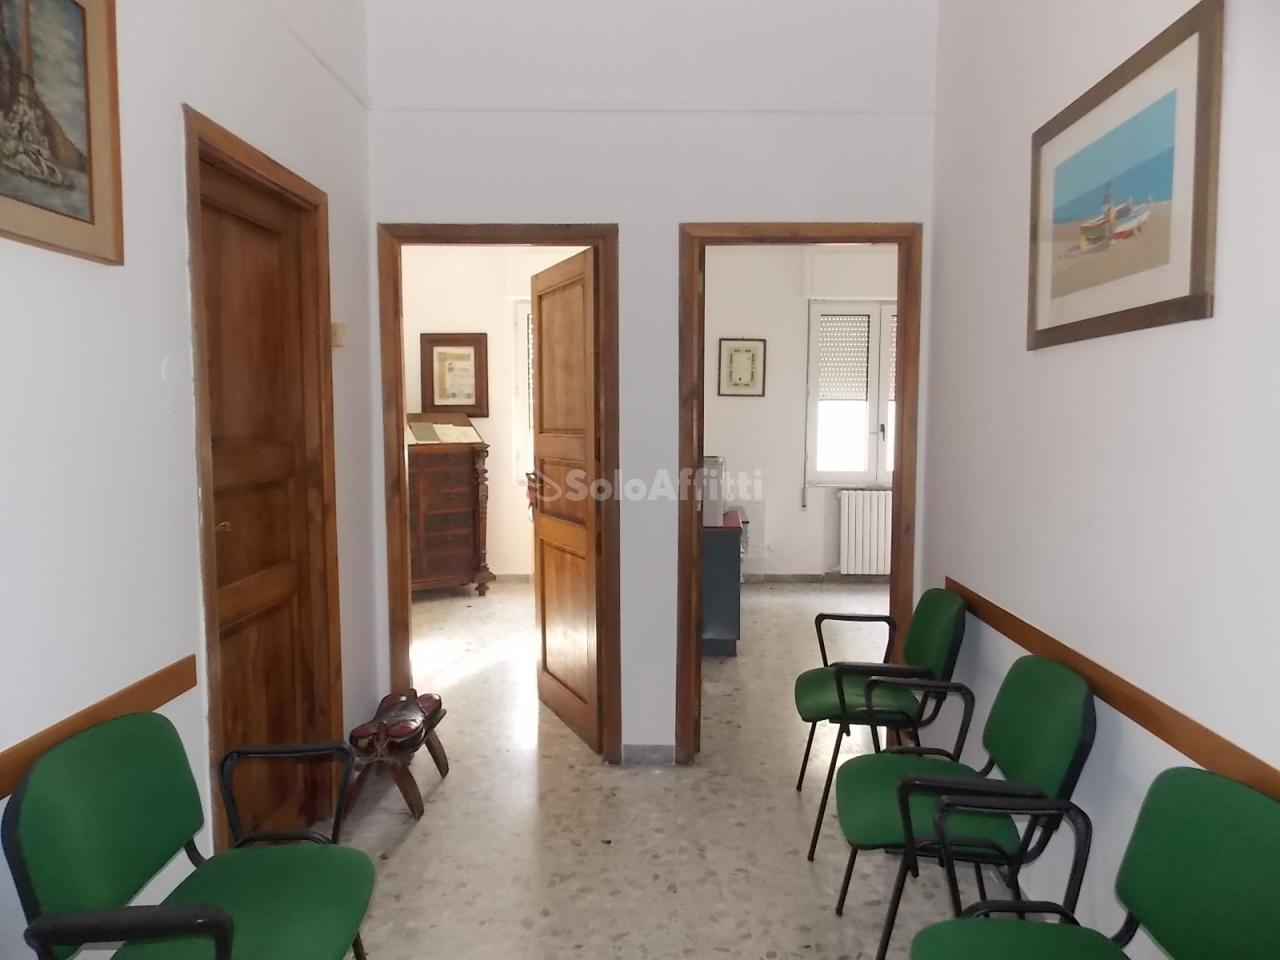 Ufficio - 4 locali a Centro storico, Catanzaro Rif. 10253835